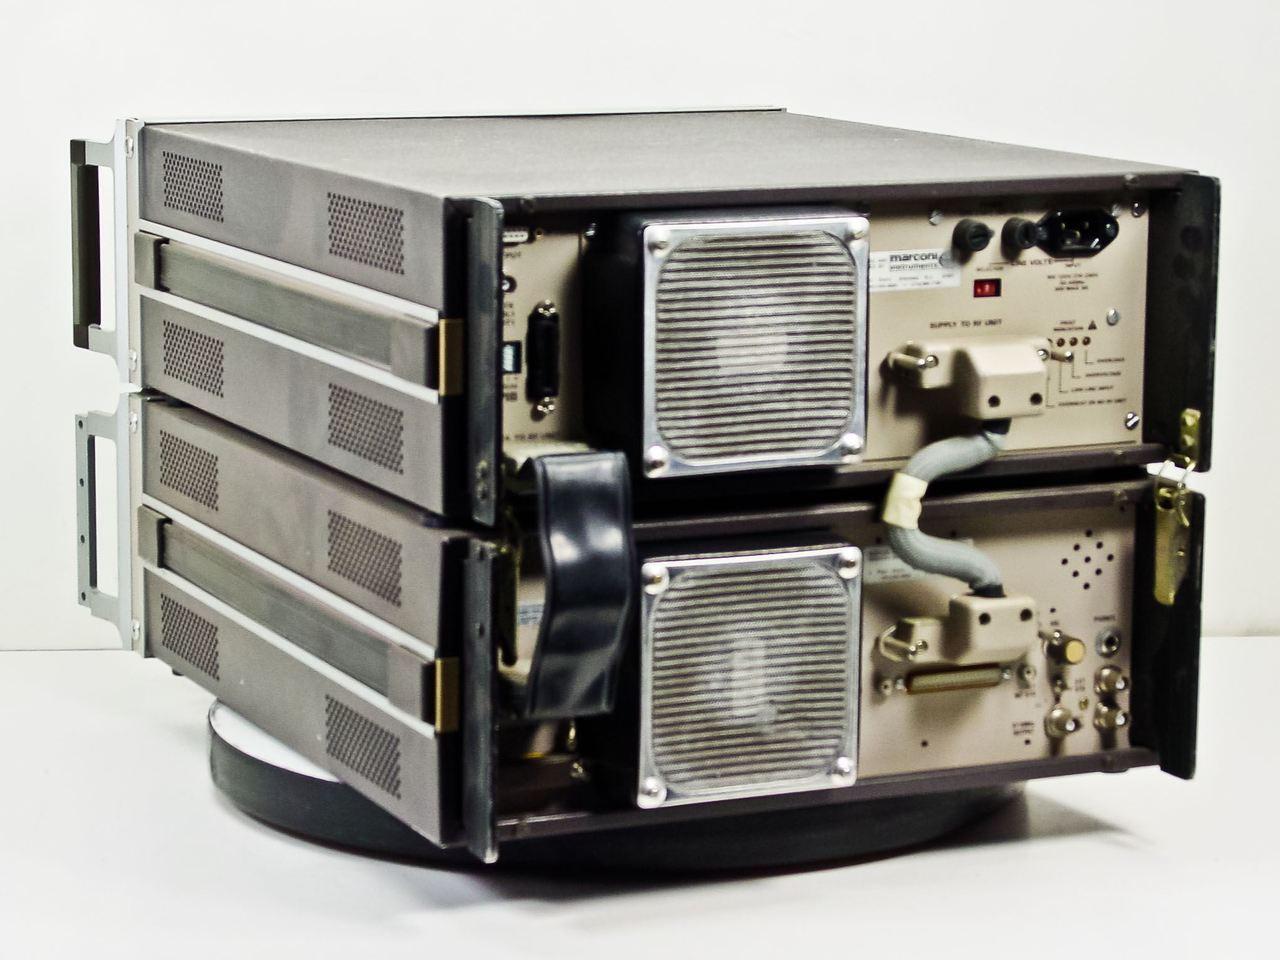 ... Marconi 2380 / 2382 400MHz Spectrum Analyzer with TG ...